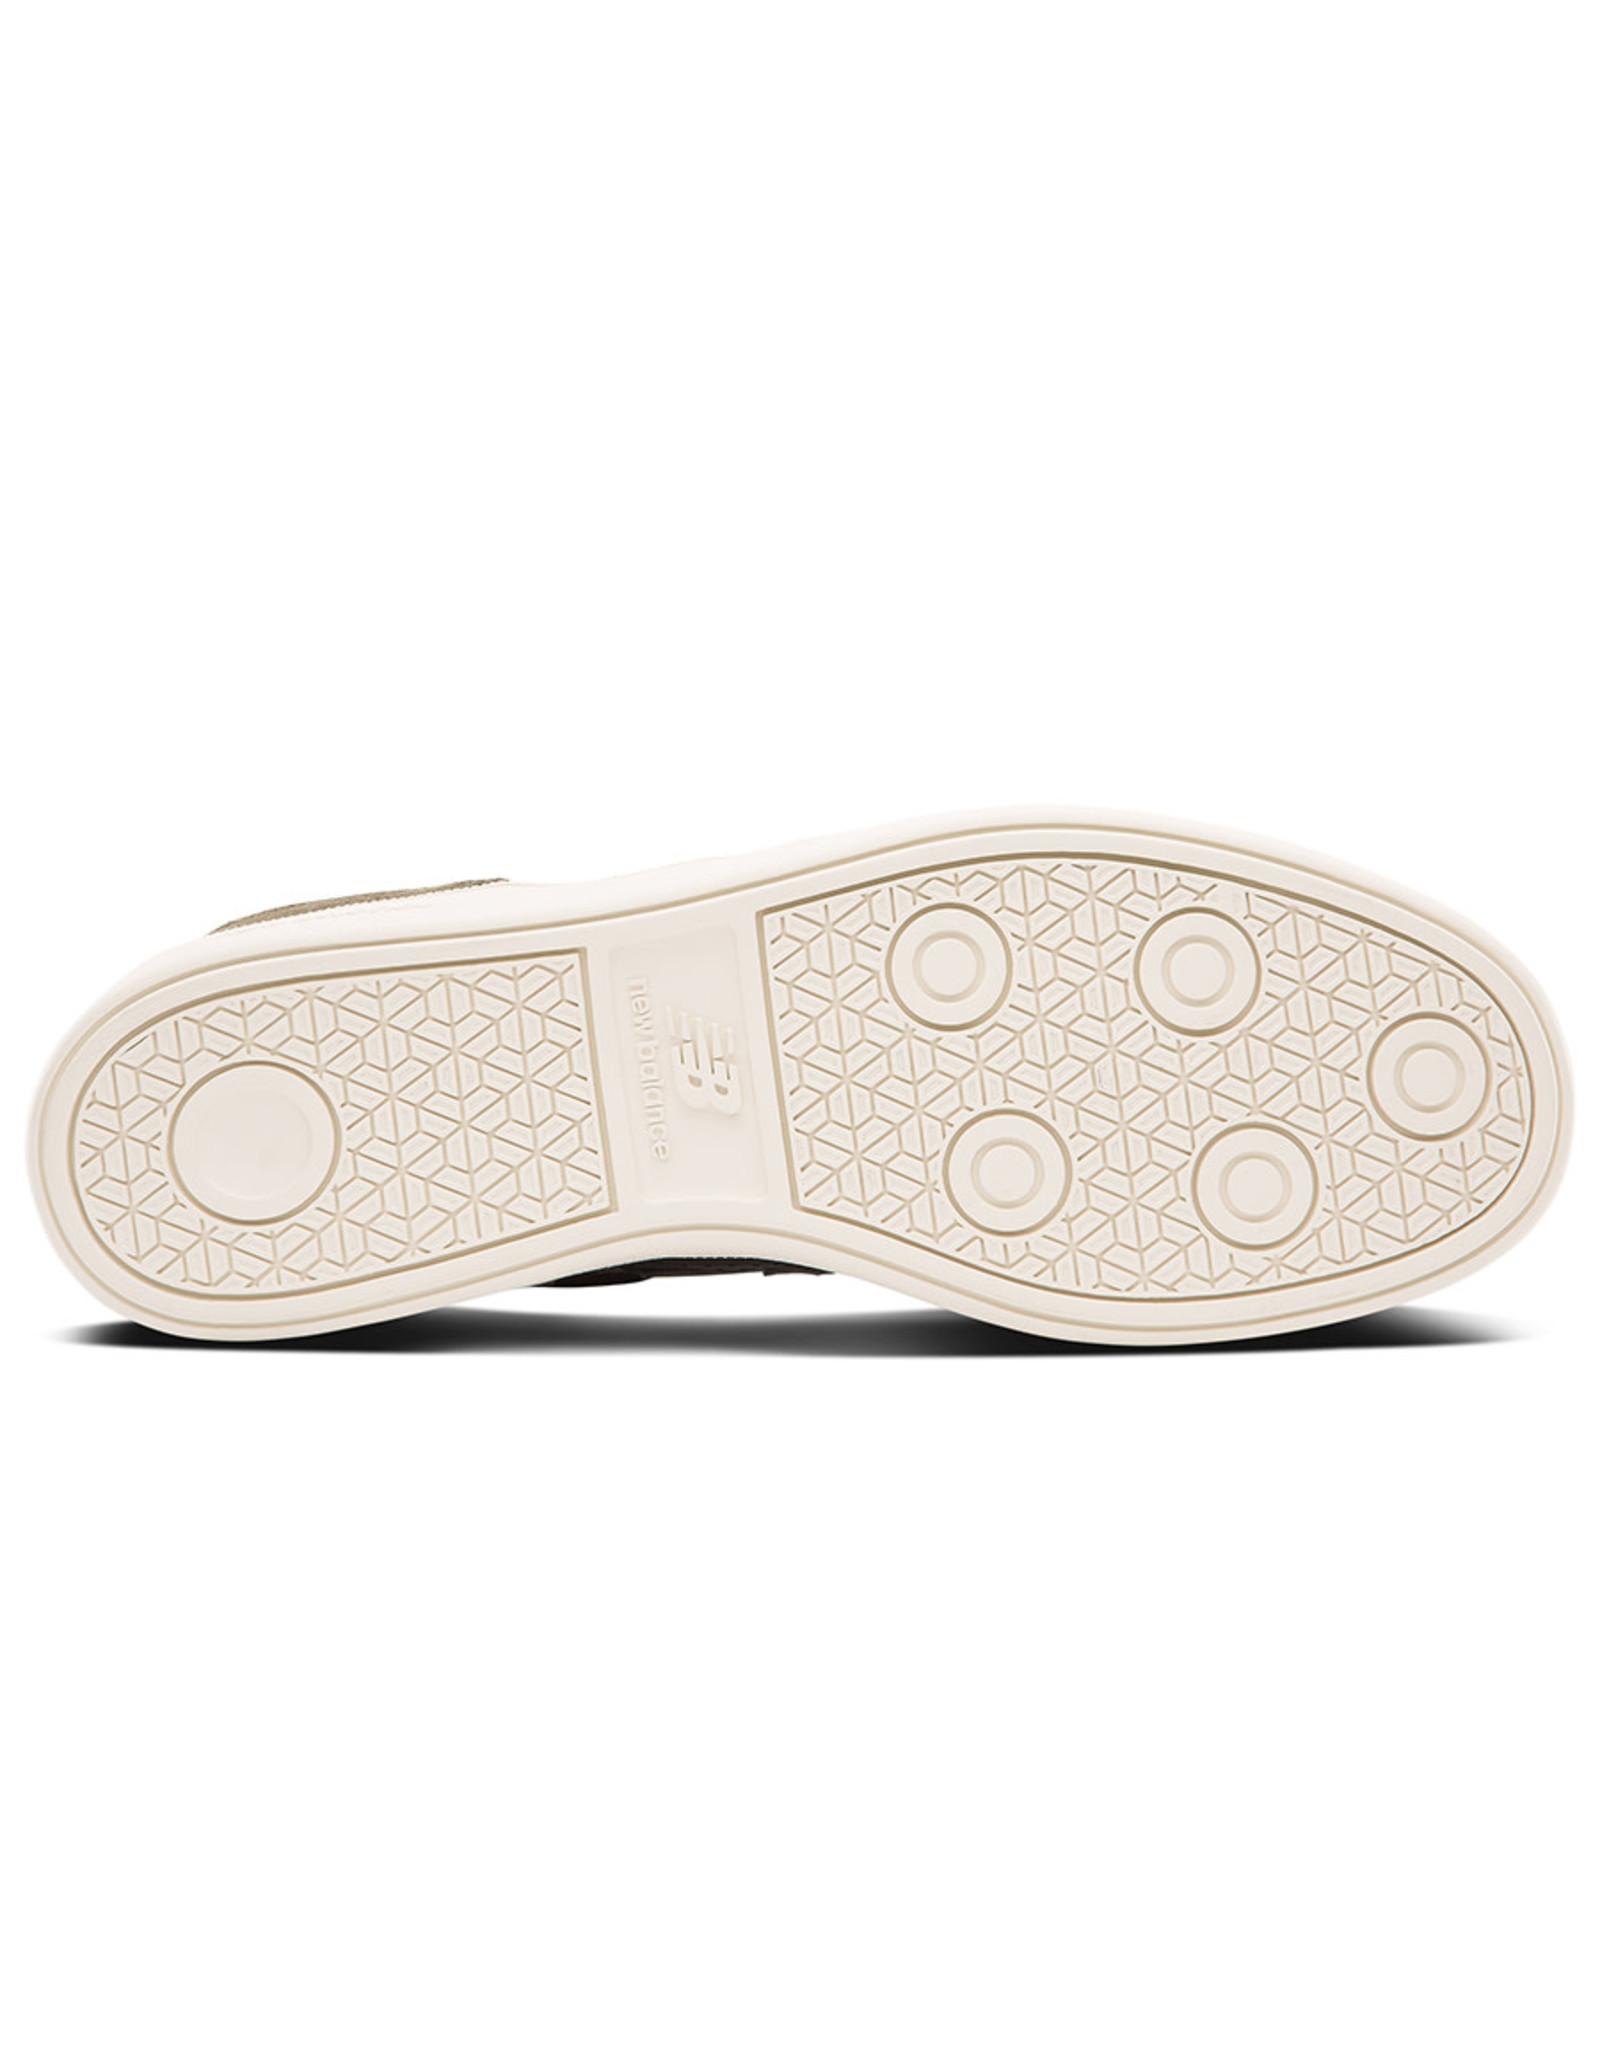 New Balance Numeric New Balance Numeric Shoe 508 Brandon Westgate (Olive)